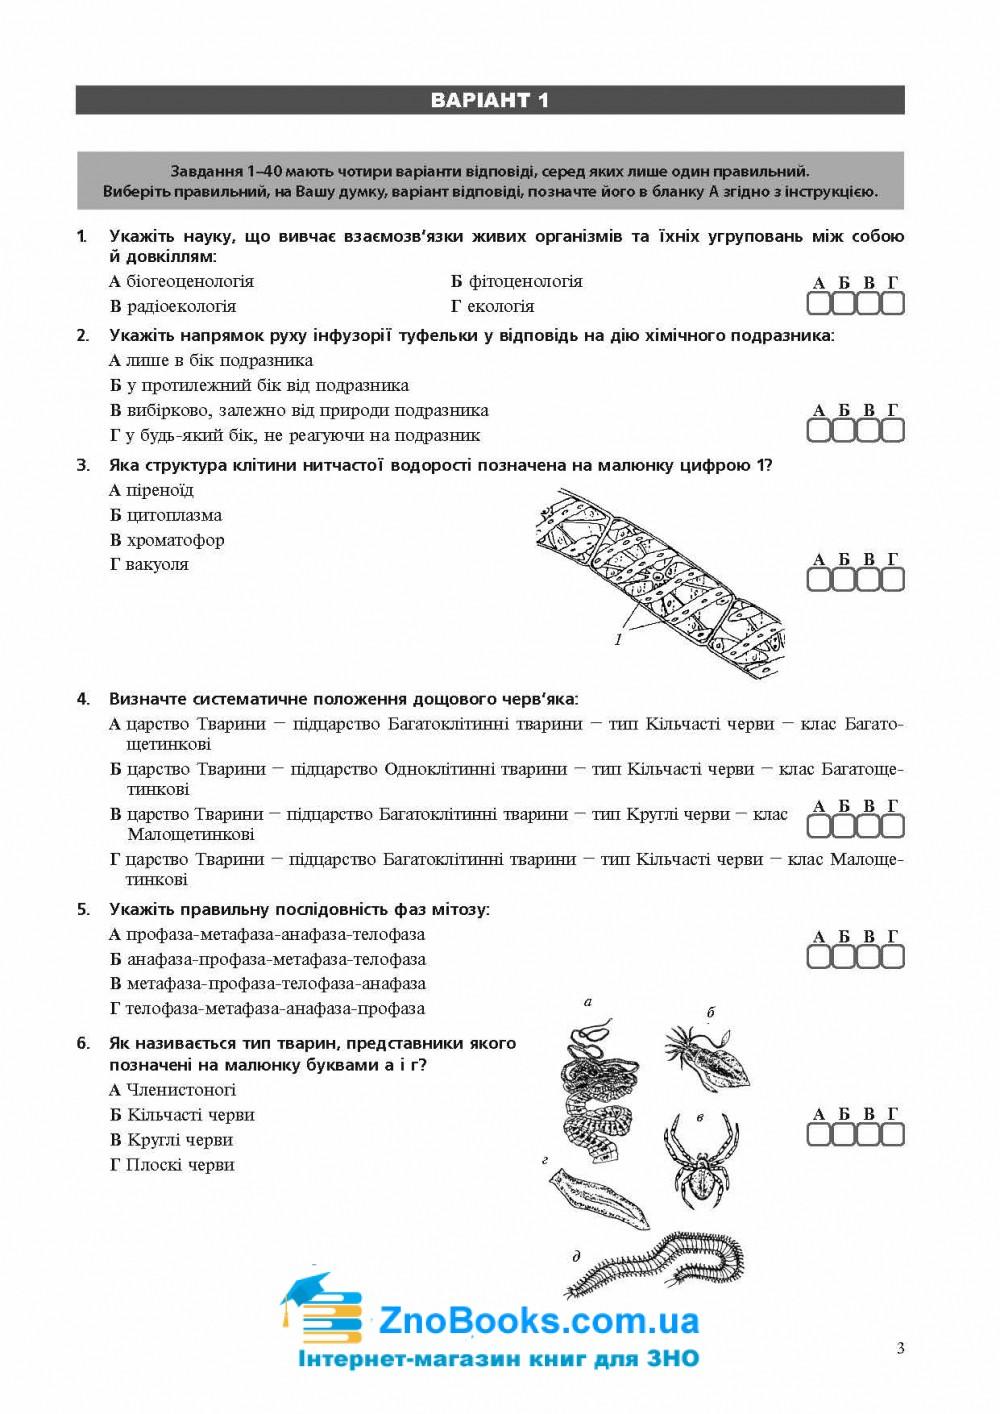 ЗНО-2019 Біологія. Тестові завдання. Авт: Олійник І. В. Вид-во: Навчальна книга - Богдан. купити 3